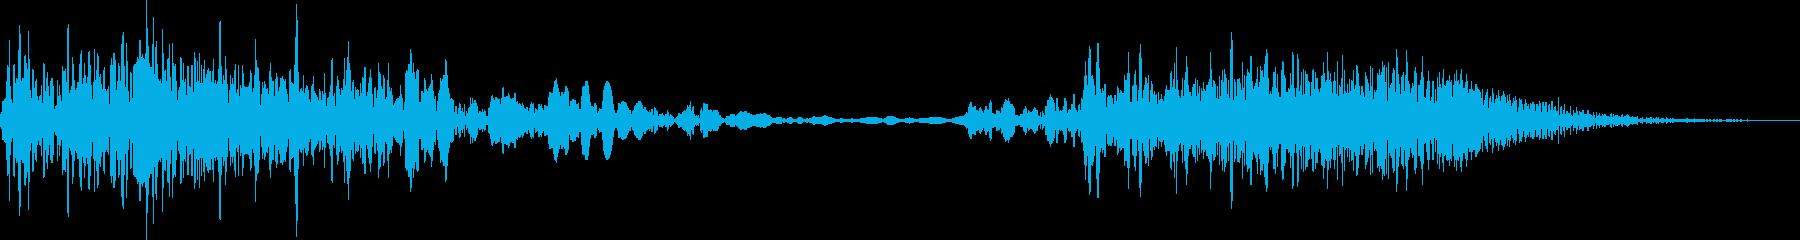 モーターフィルターエアヒューシュ2...の再生済みの波形